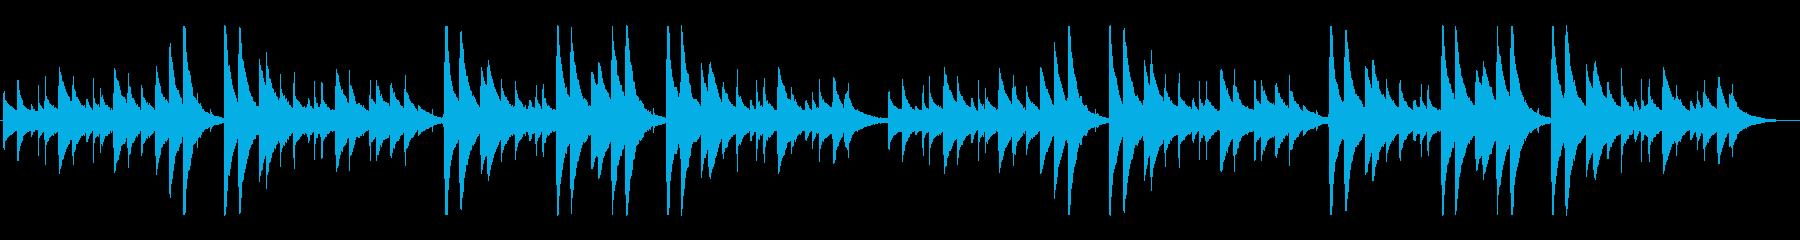 童謡「蛍の光」オルゴールバージョンの再生済みの波形